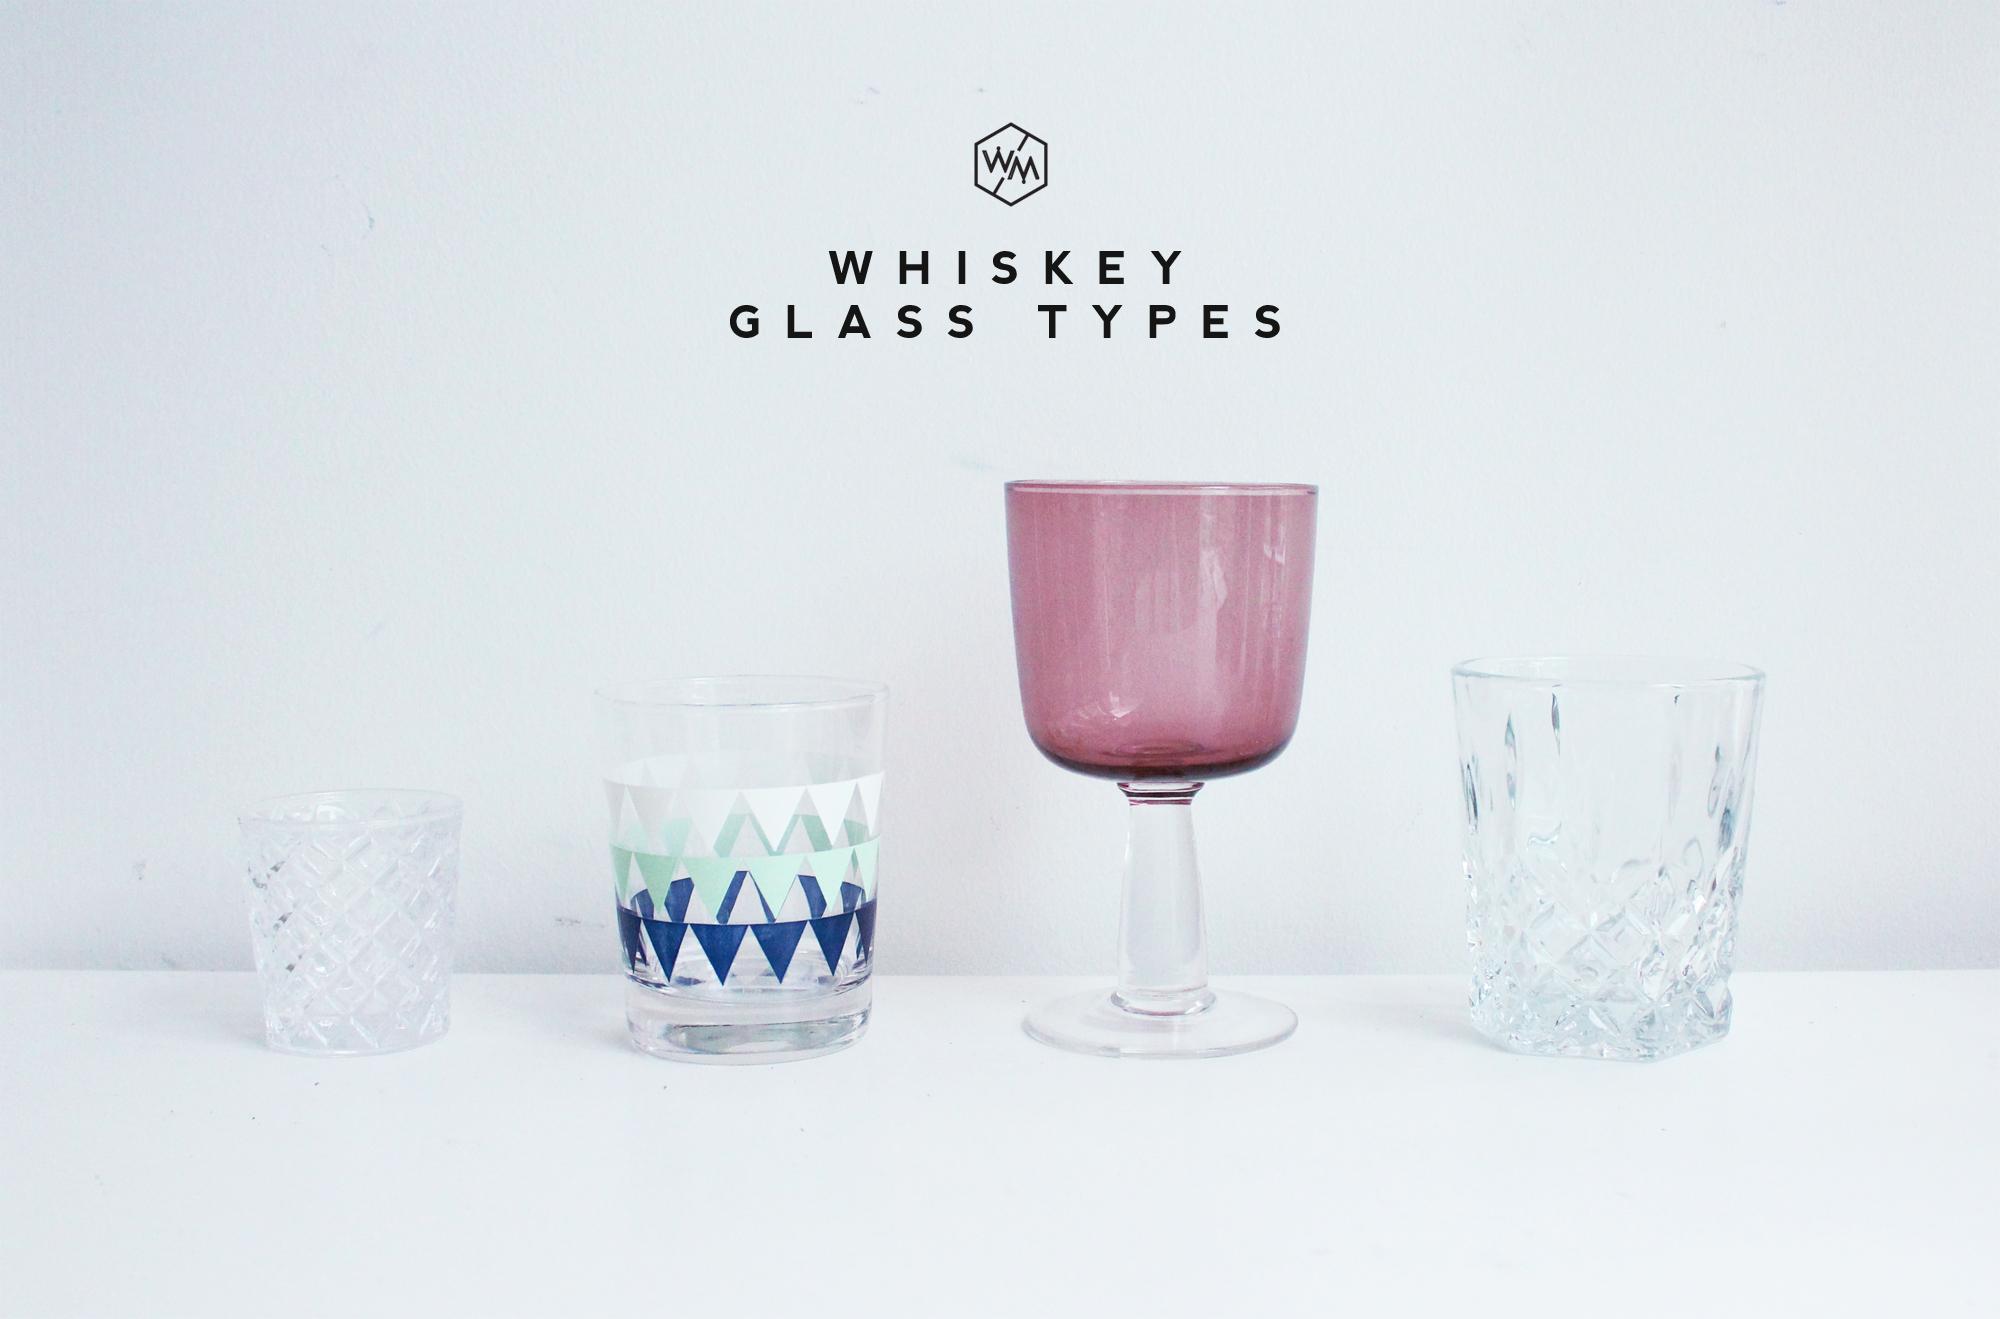 Whiskey Glass Types